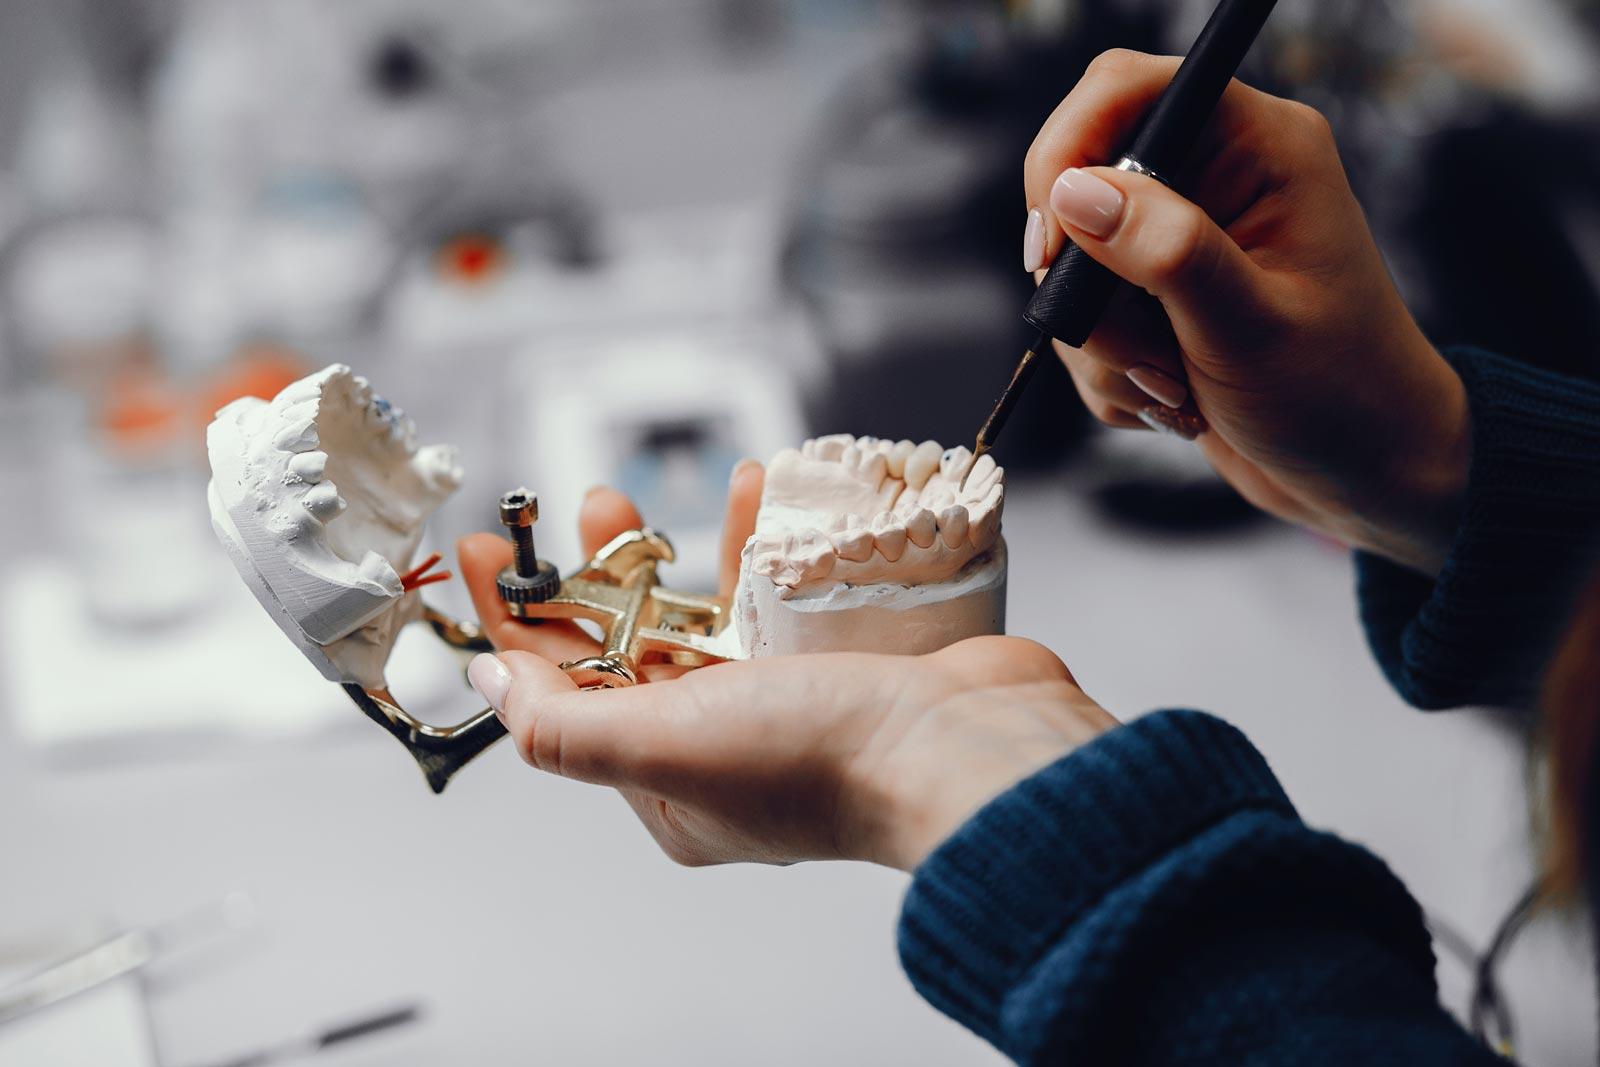 una dentista monta un impianto dentale